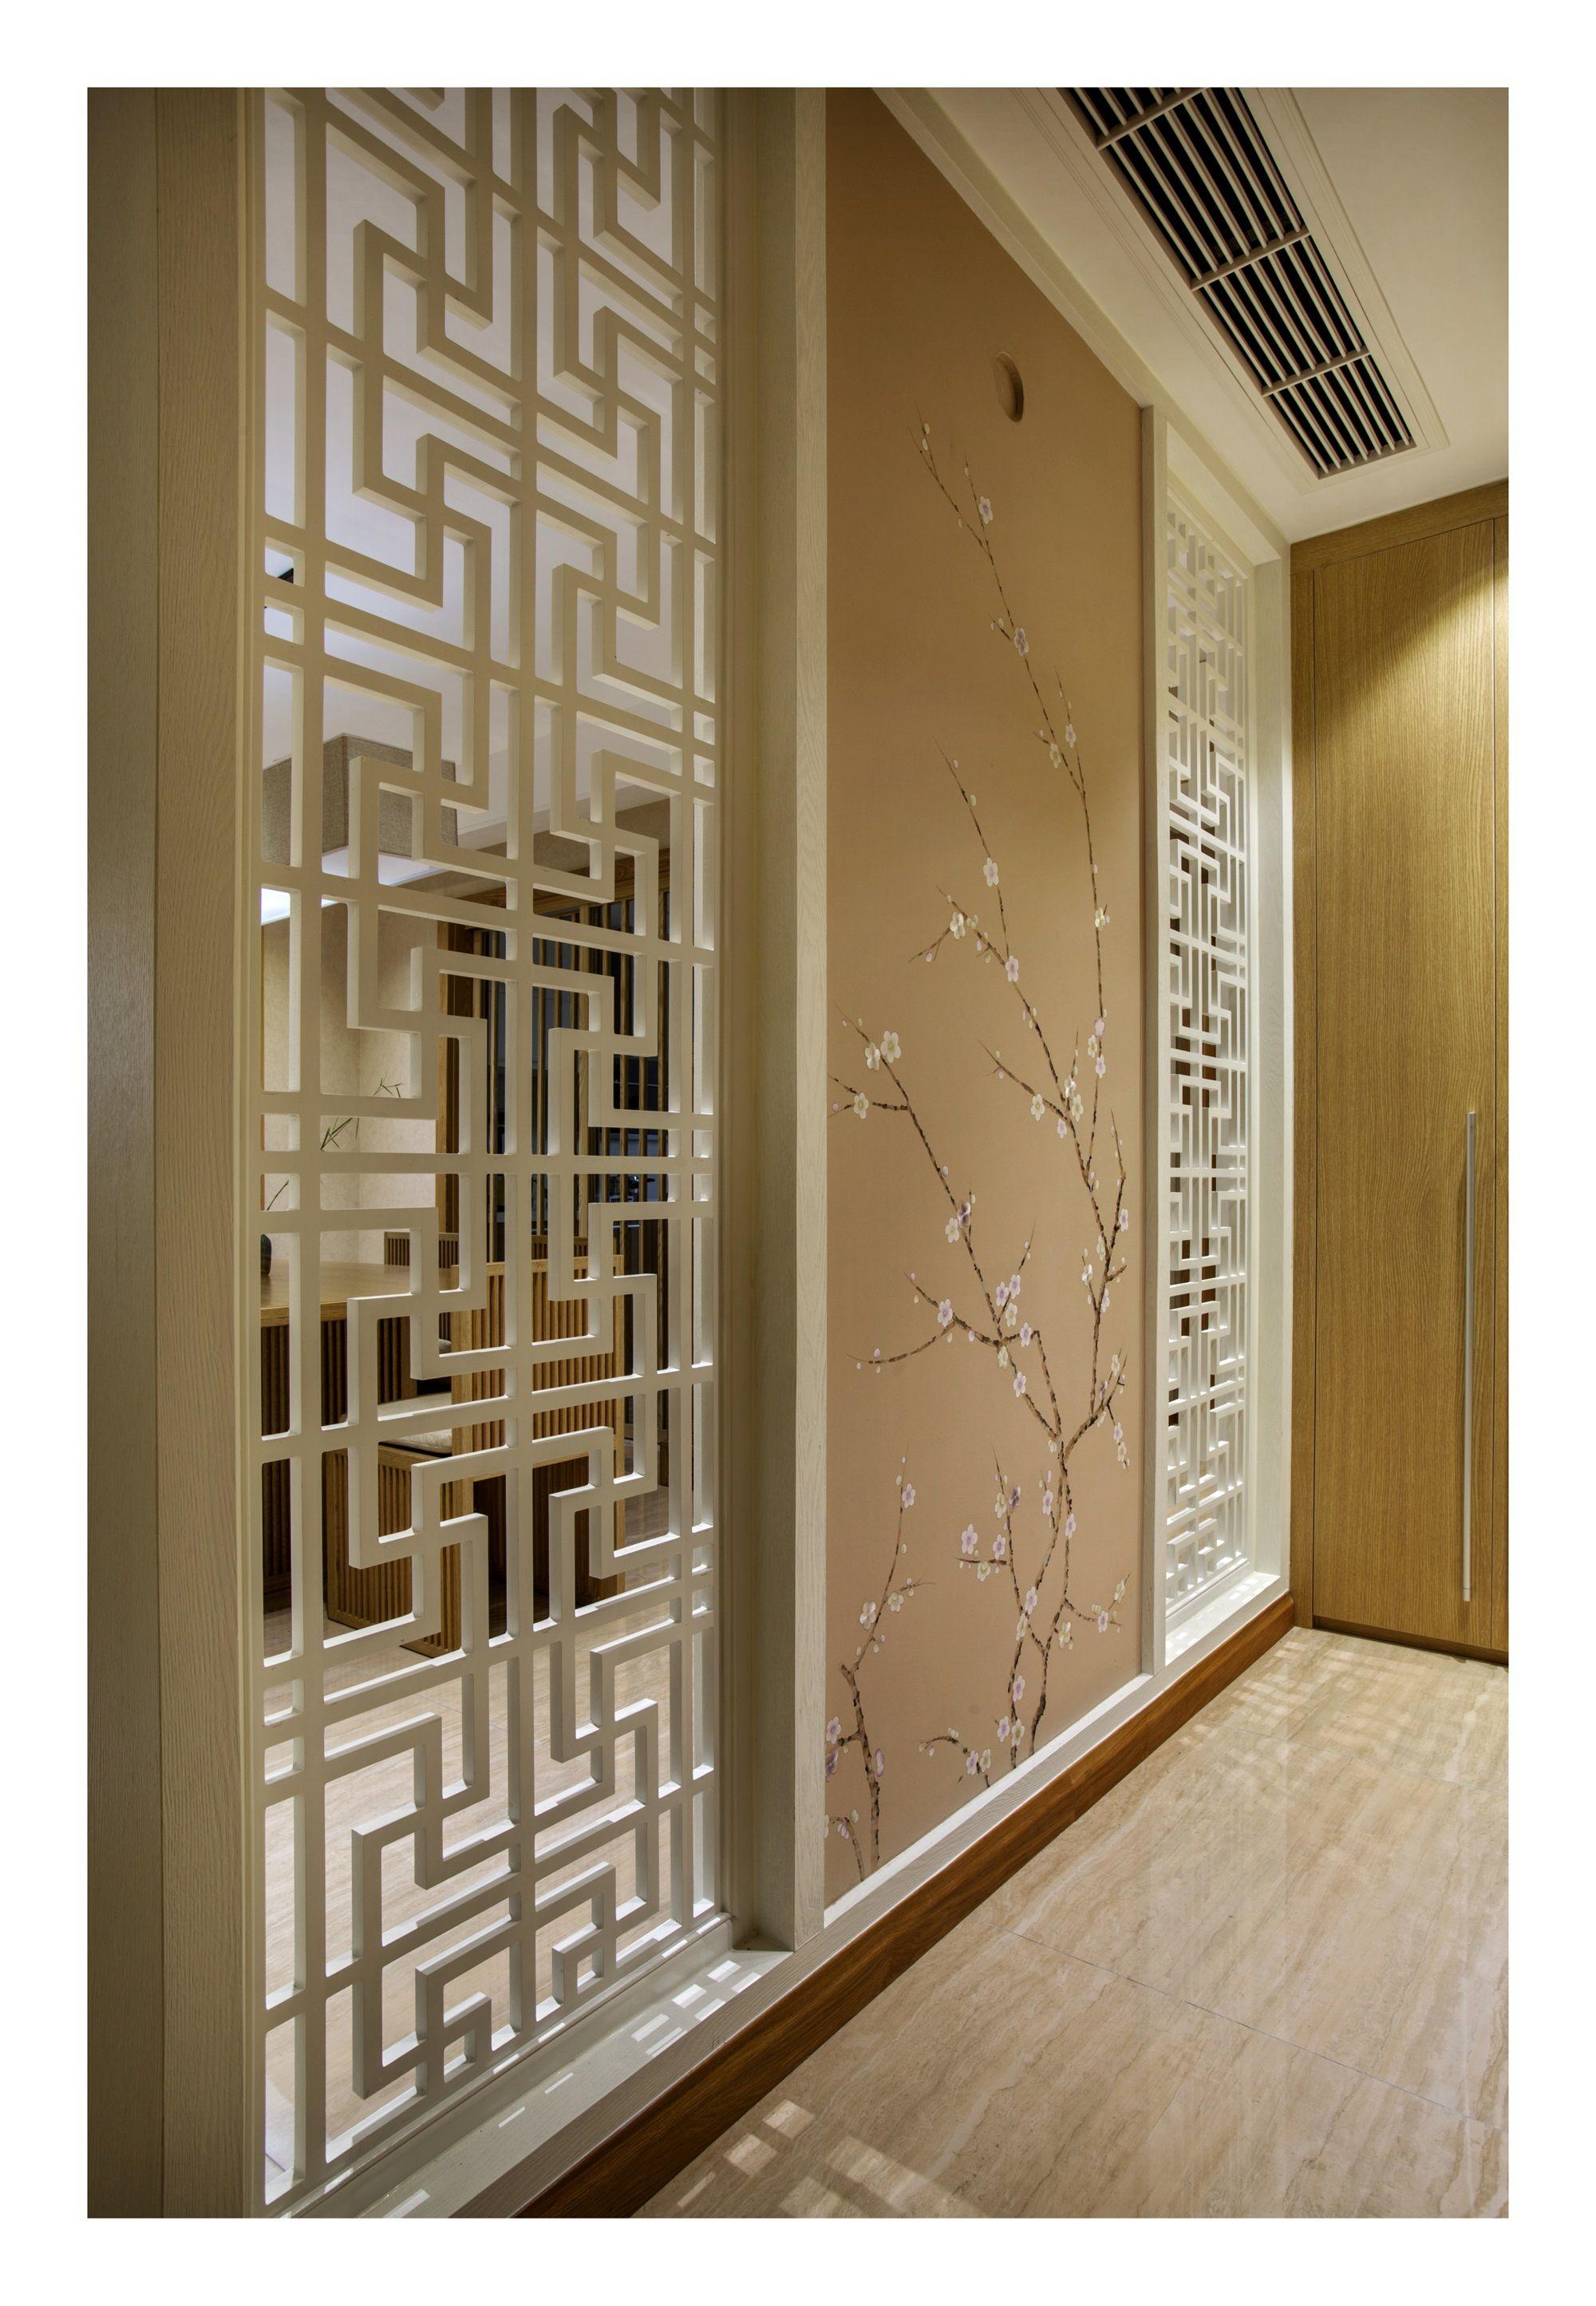 主要材料:橡木kd板,刺绣壁纸,木纹砖,大理石,多层实木地板